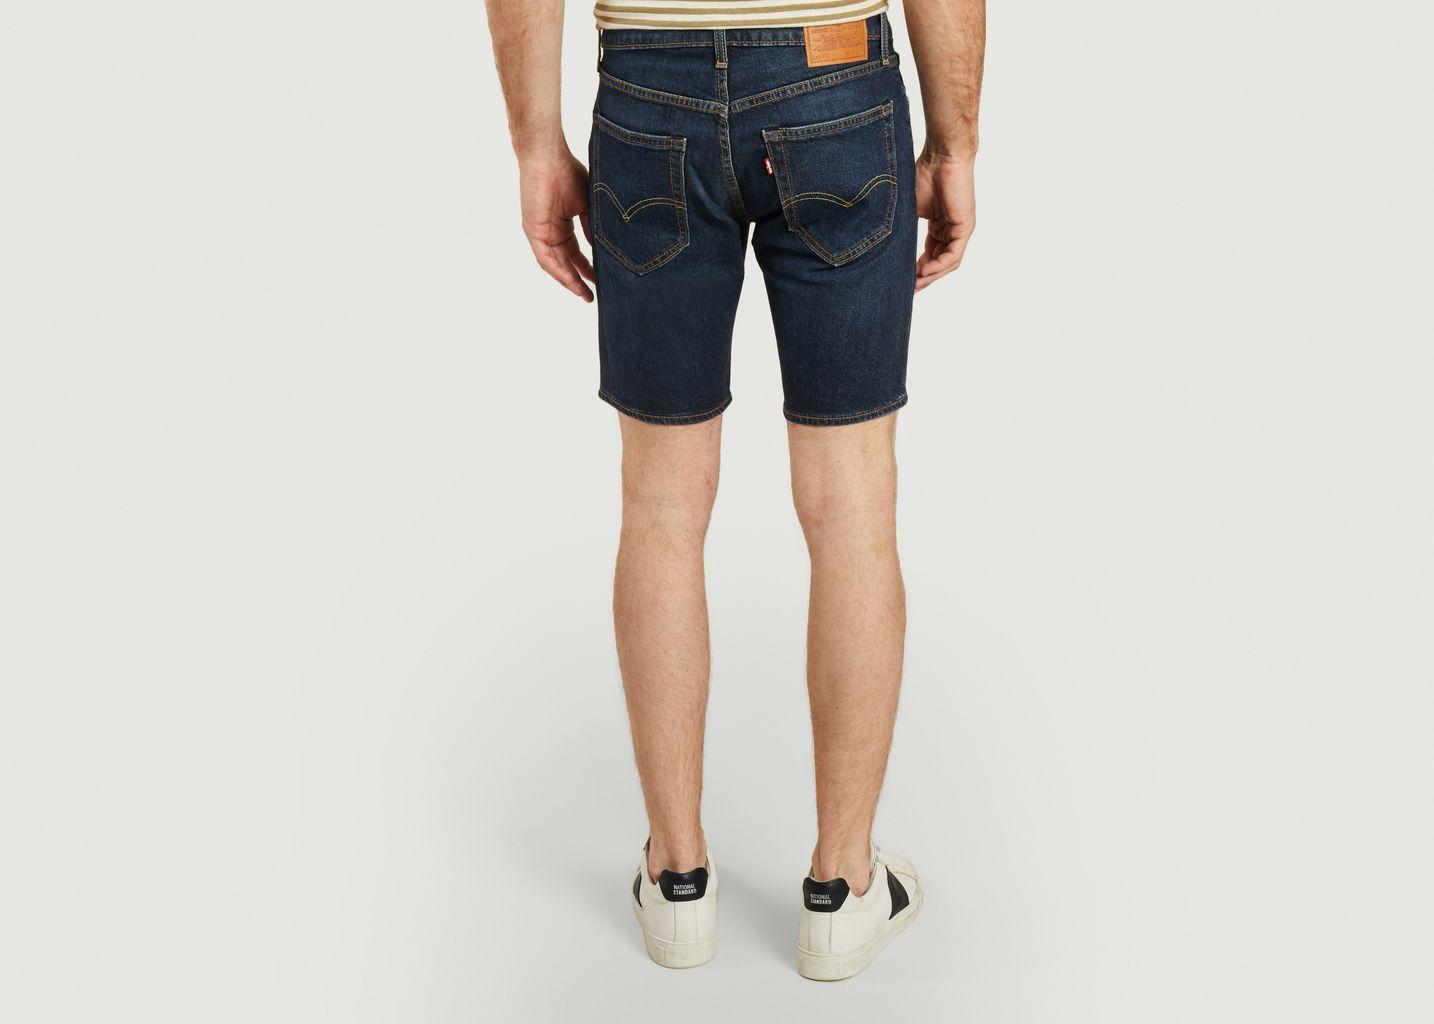 Short en jean slim  - Levi's Red Tab